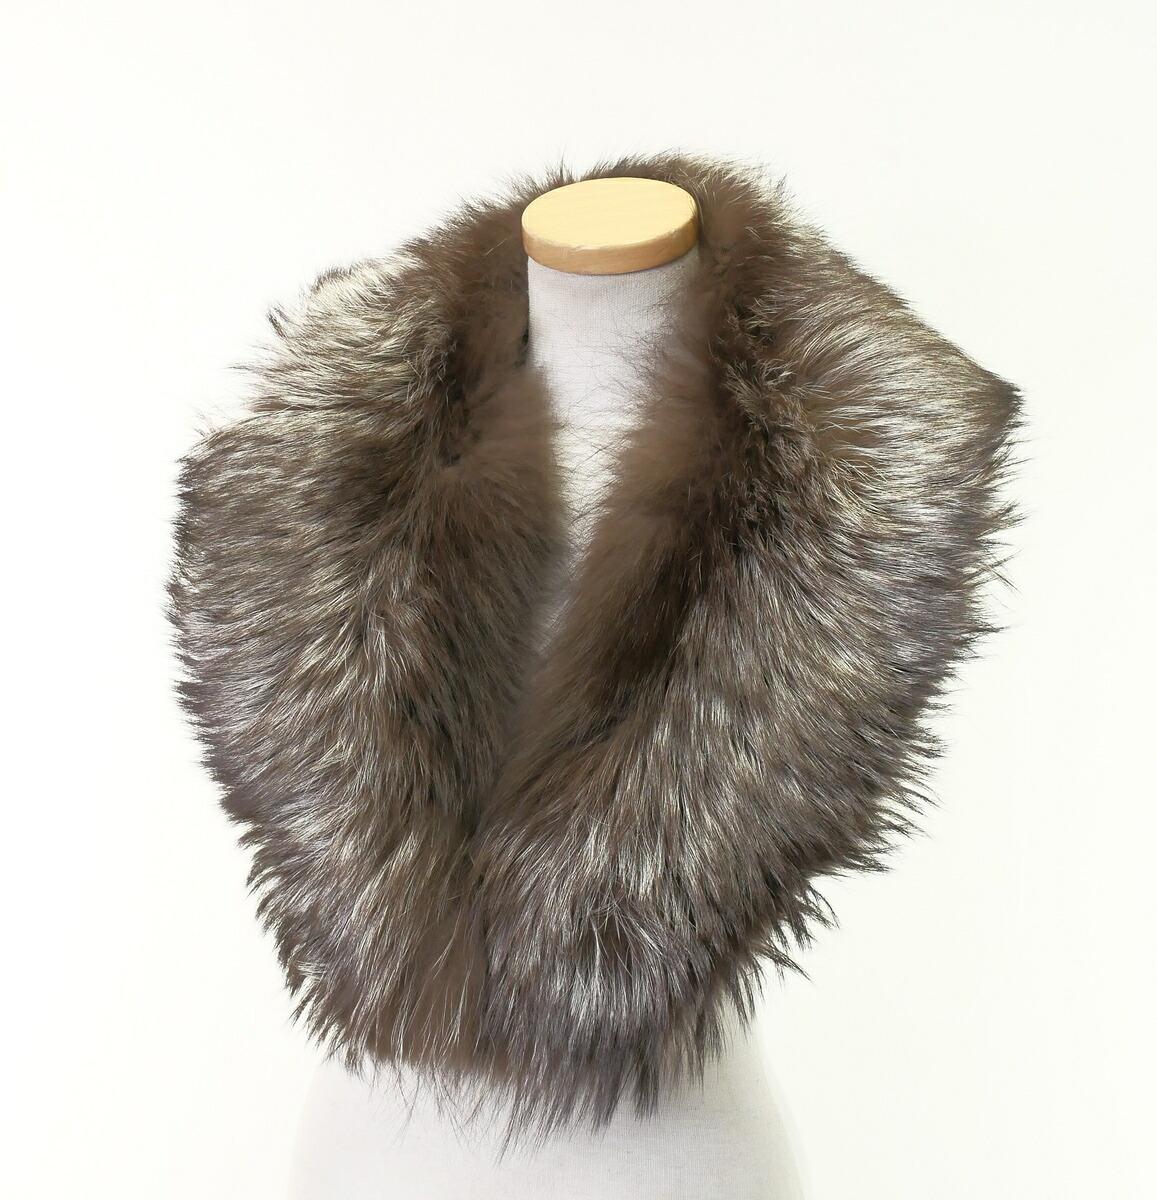 高級毛皮 FOX フォックス ファー リアルファー ティペット ブラウン ホワイト 襟巻 マフラー 中古 コート ドレス GE3904 小物 パーティー アクセサリー 買取 フォーマル 格安 価格でご提供いたします ストール 20210108